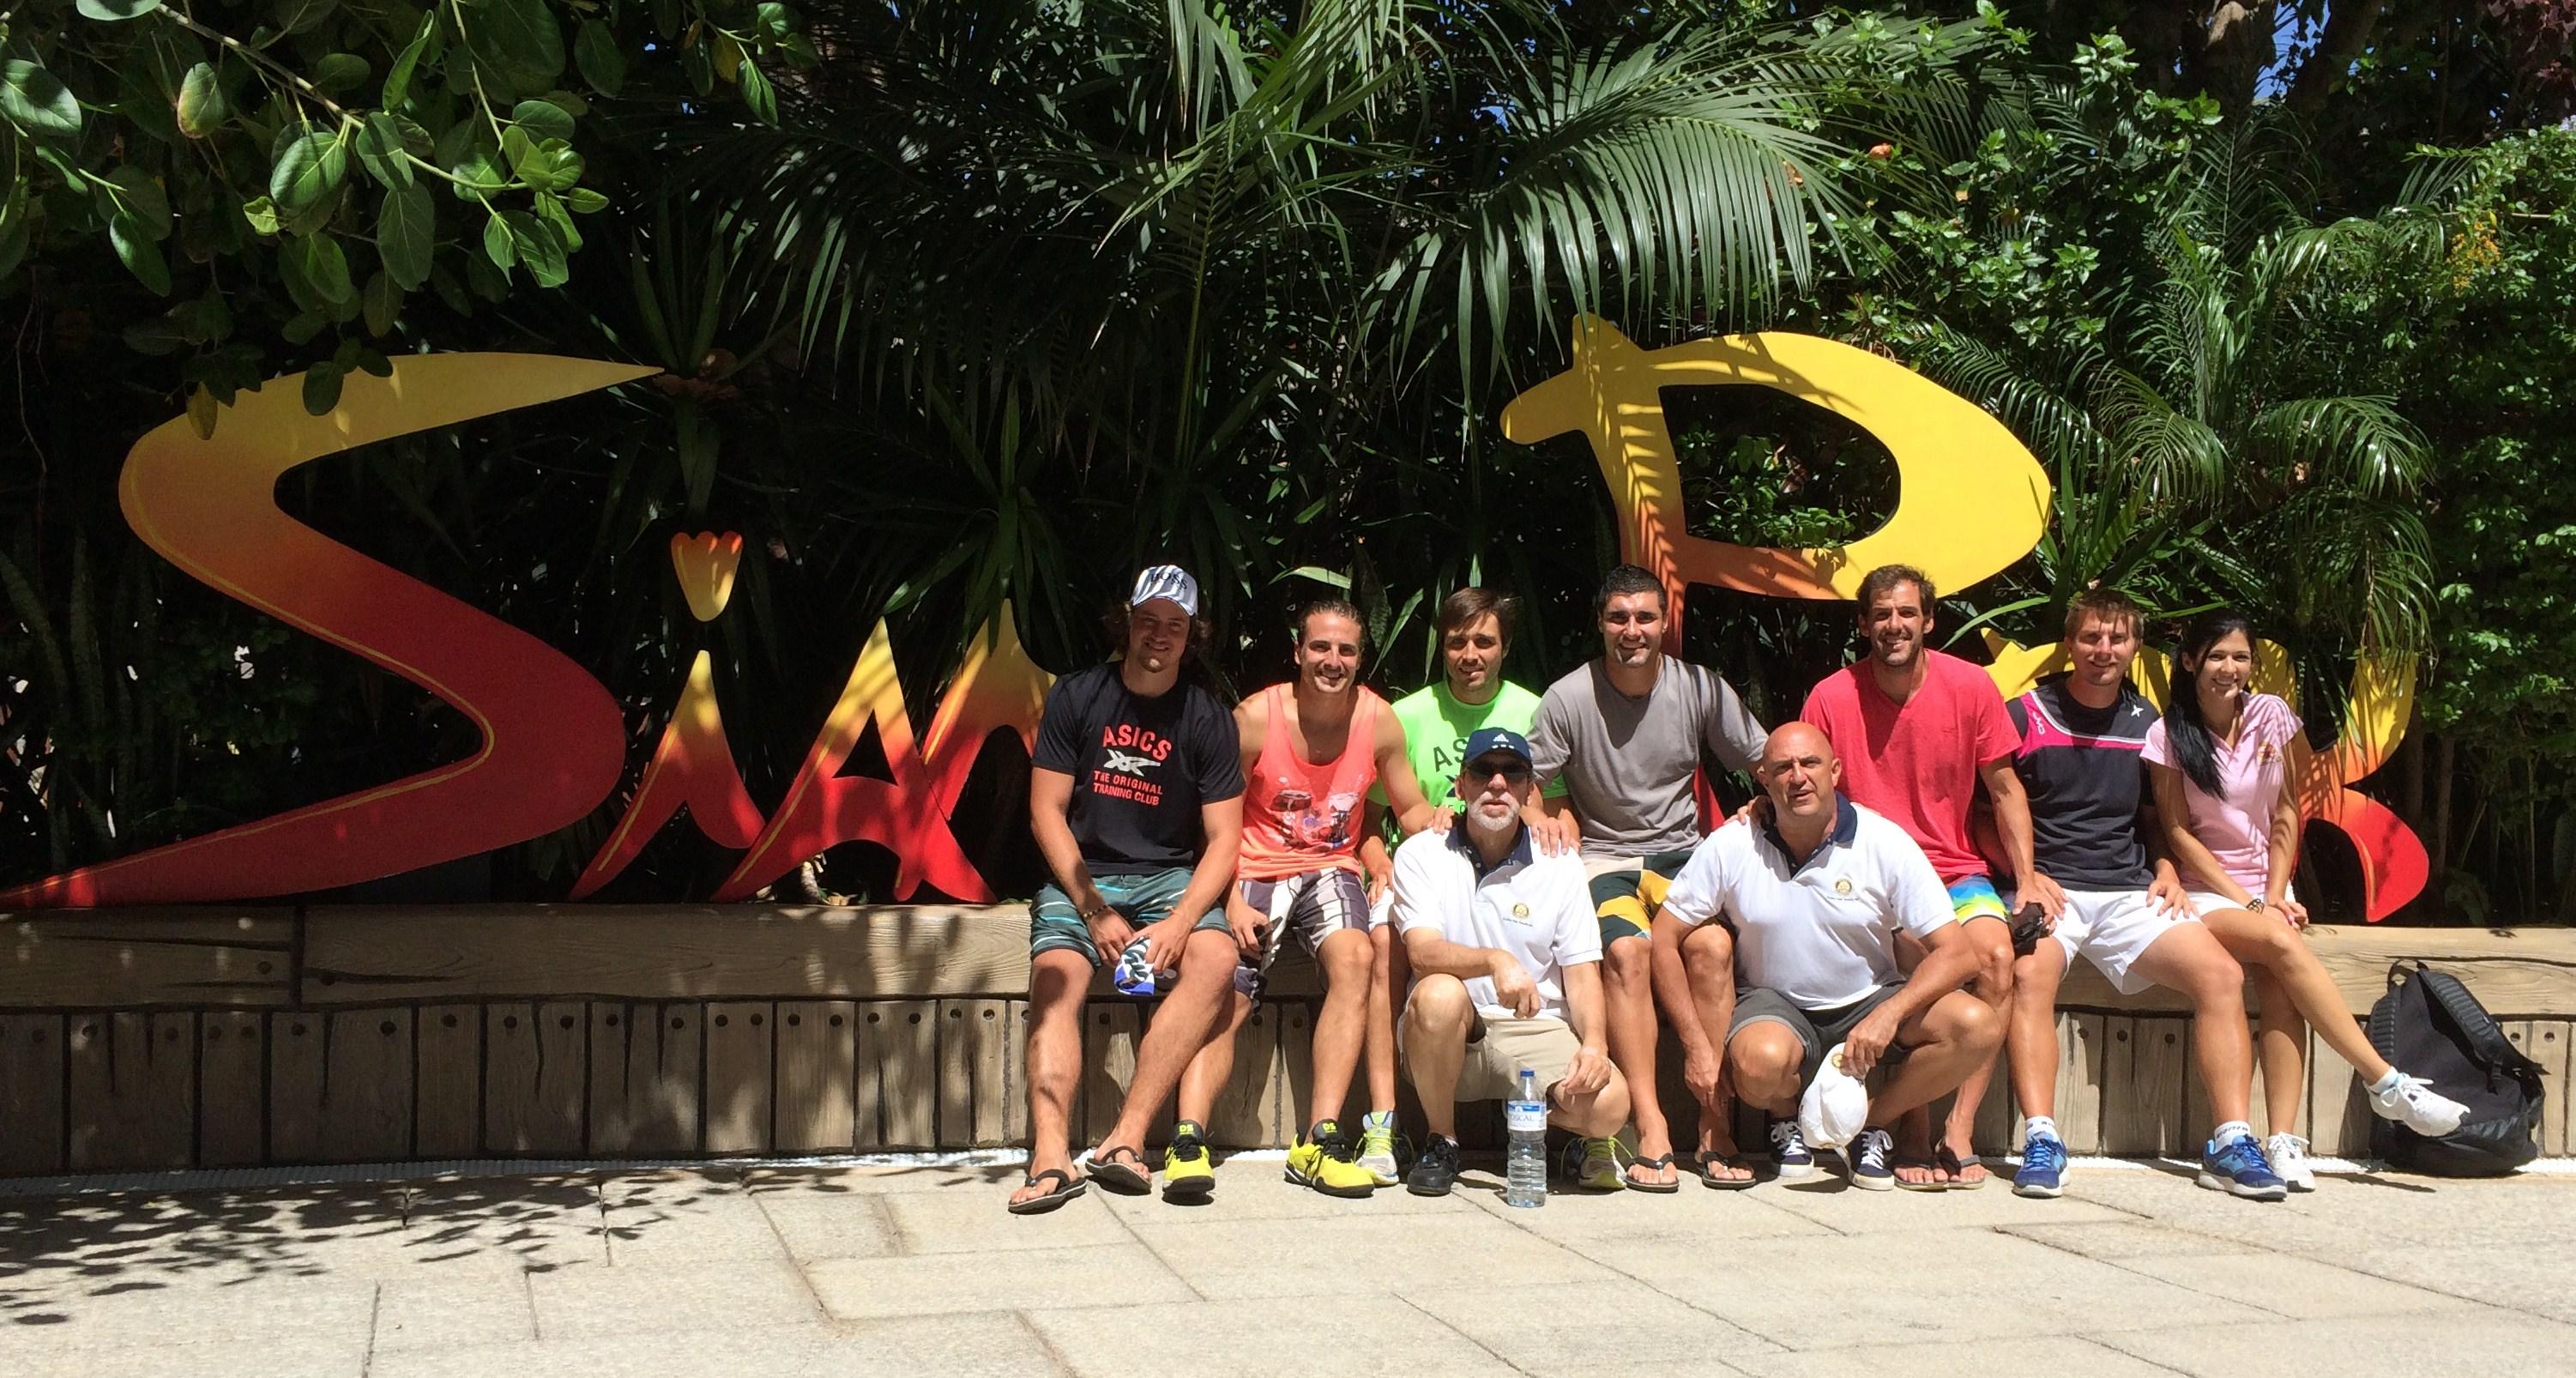 Campeones de Paddle acompañan niños necesitados en visita al Siam Park